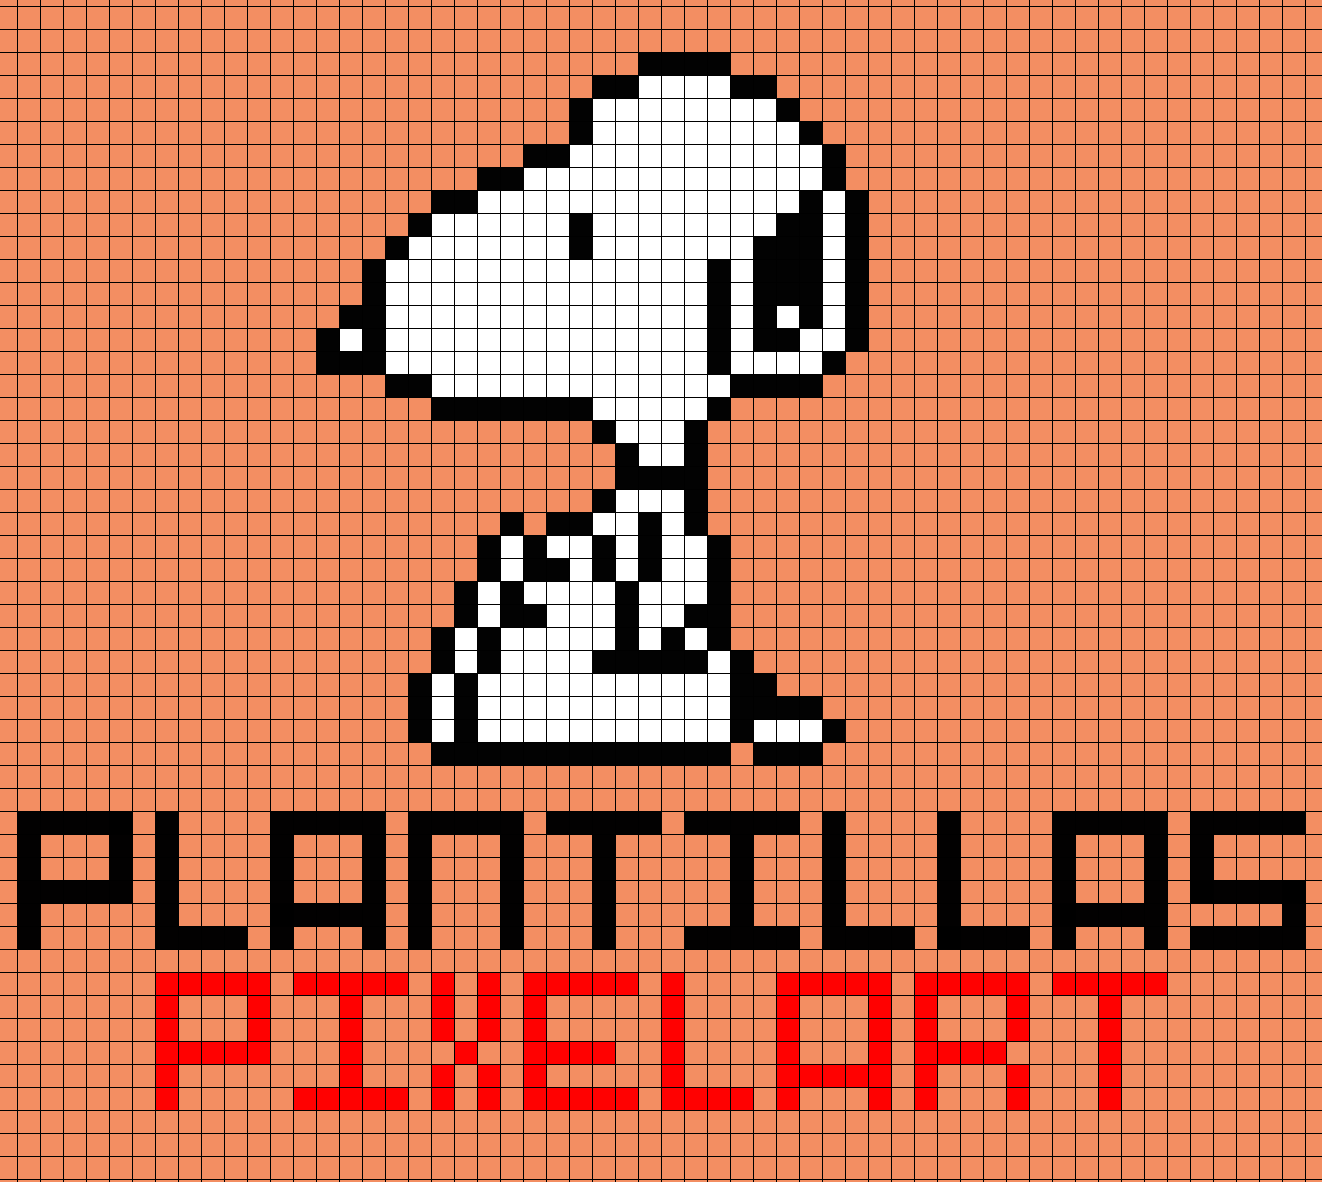 Plantillas PixelArt: Snoopy